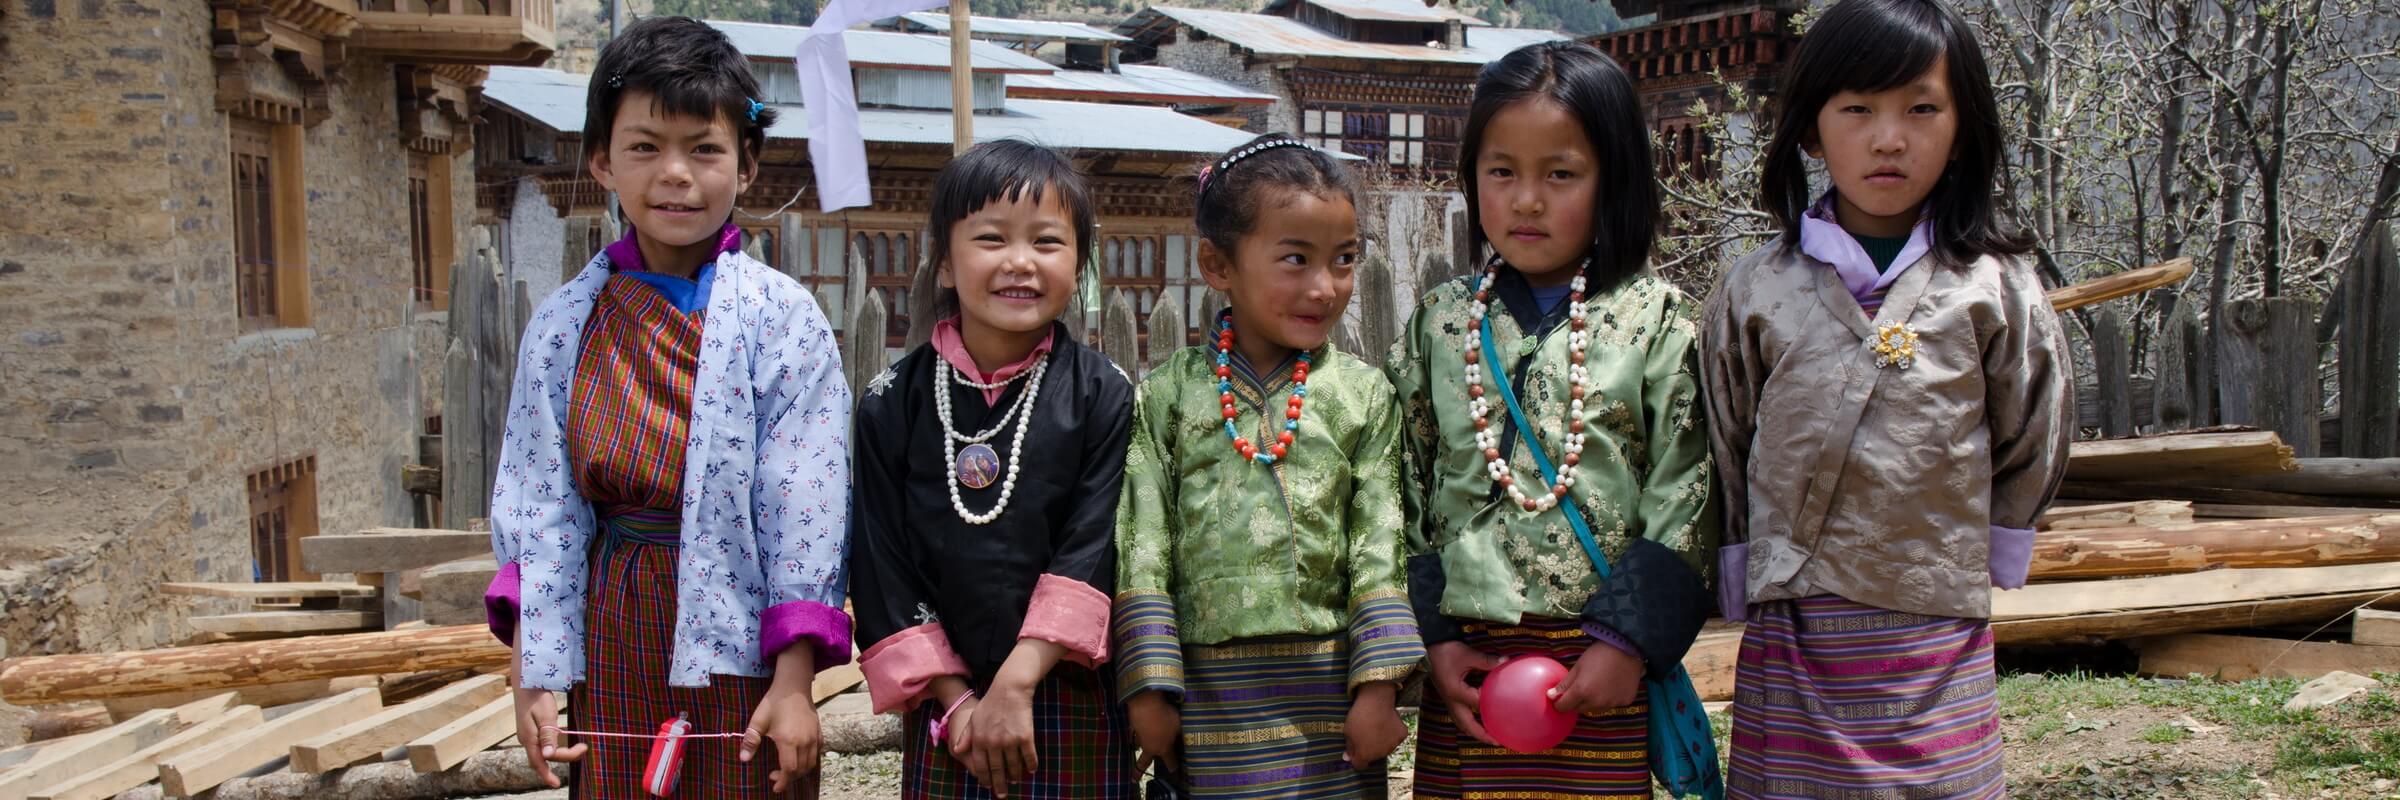 Die farbenfrohen Festivals (Tshechus) in Bhutan sorgen auch bei den Kindern für große Begeisterung.